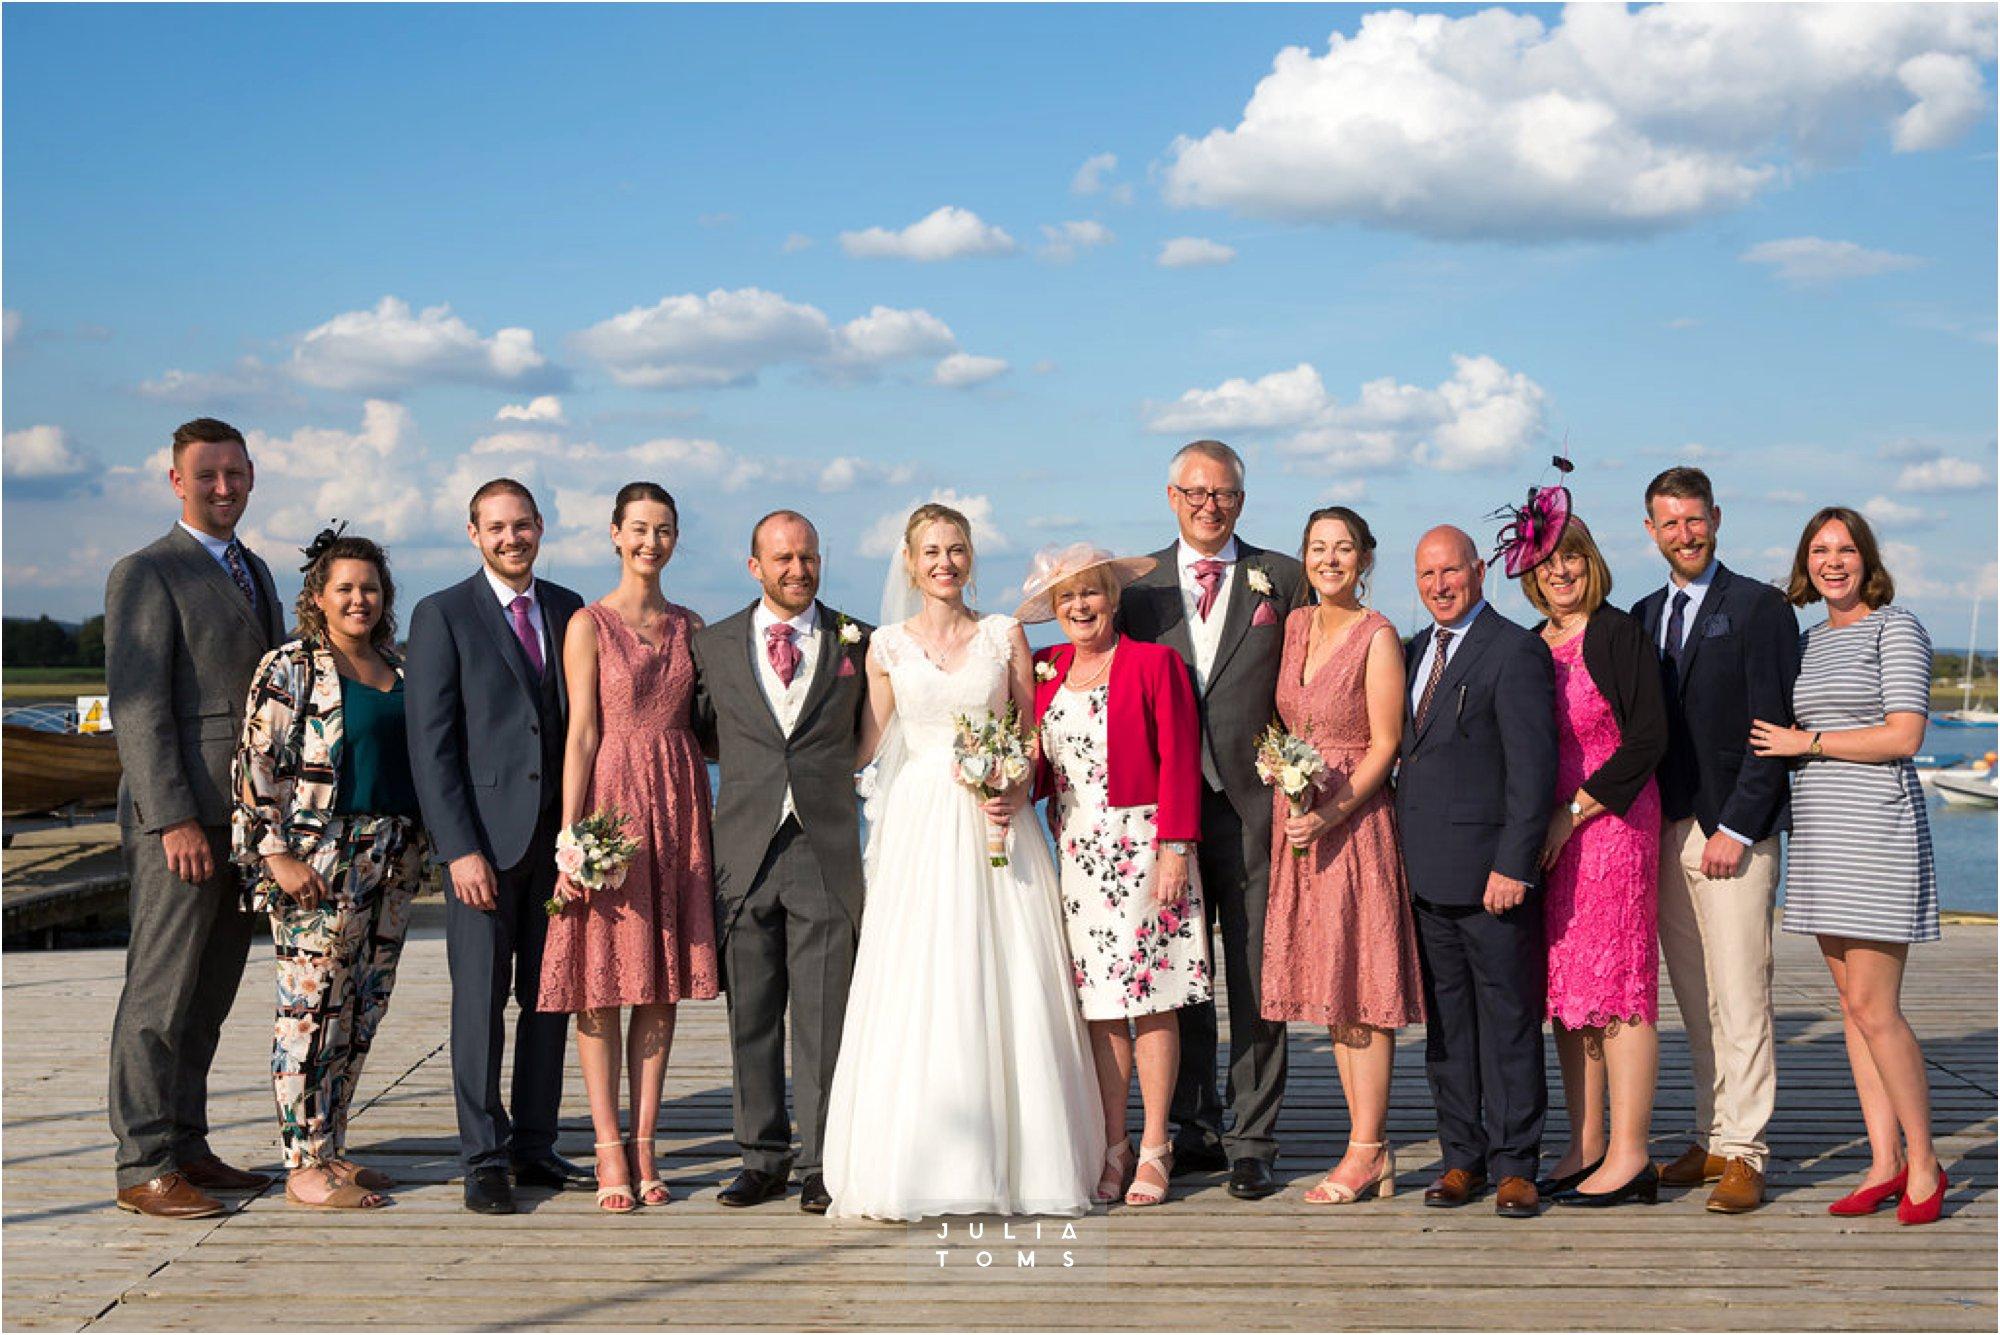 itchenor_wedding_chichester_photographer_069.jpg